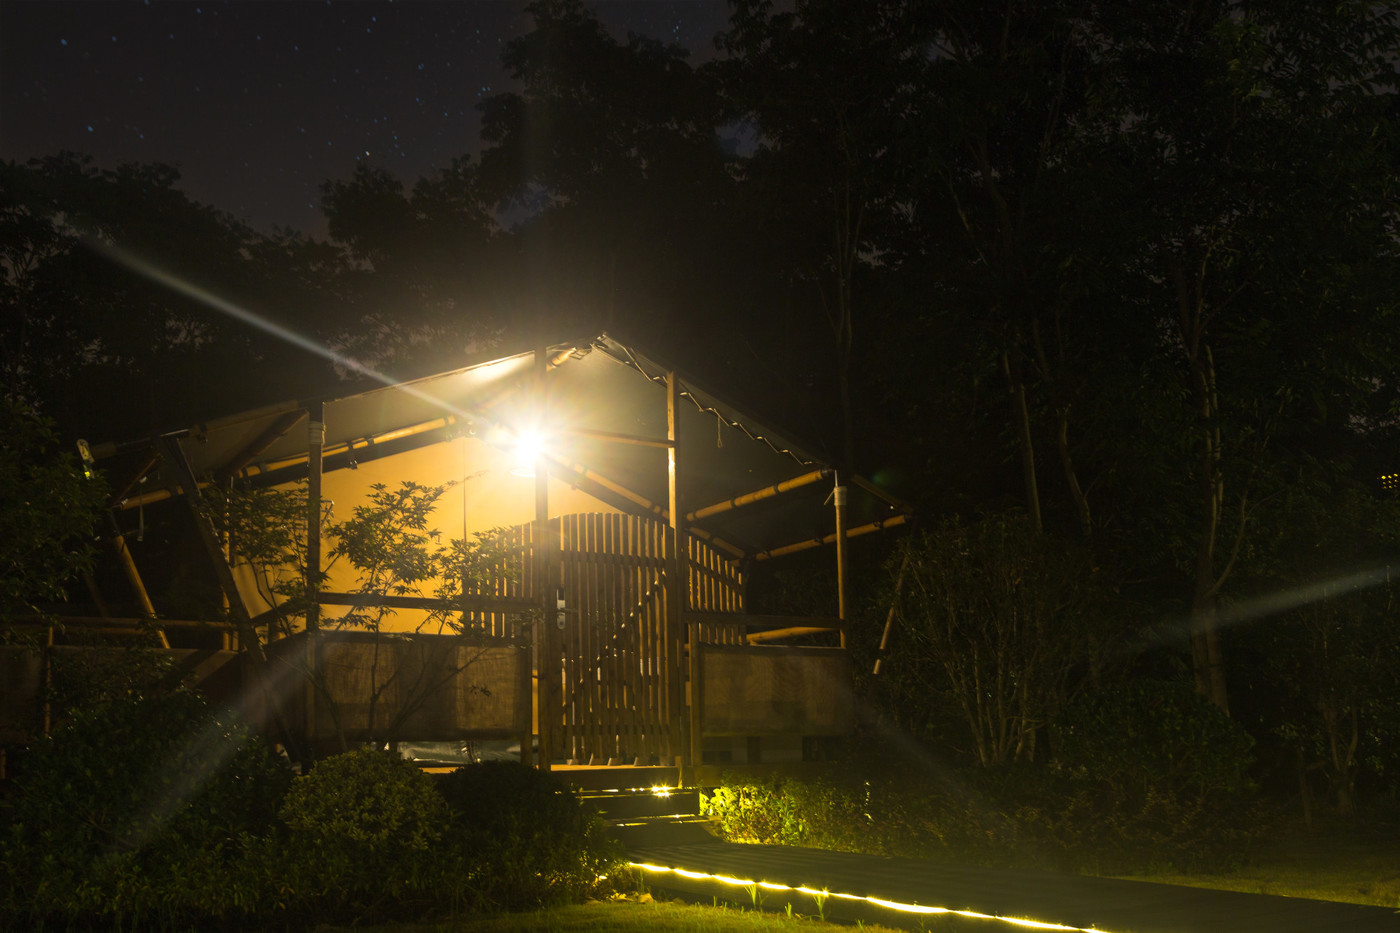 喜马拉雅上海迪士尼邻家营地子母房平地帐篷酒店9